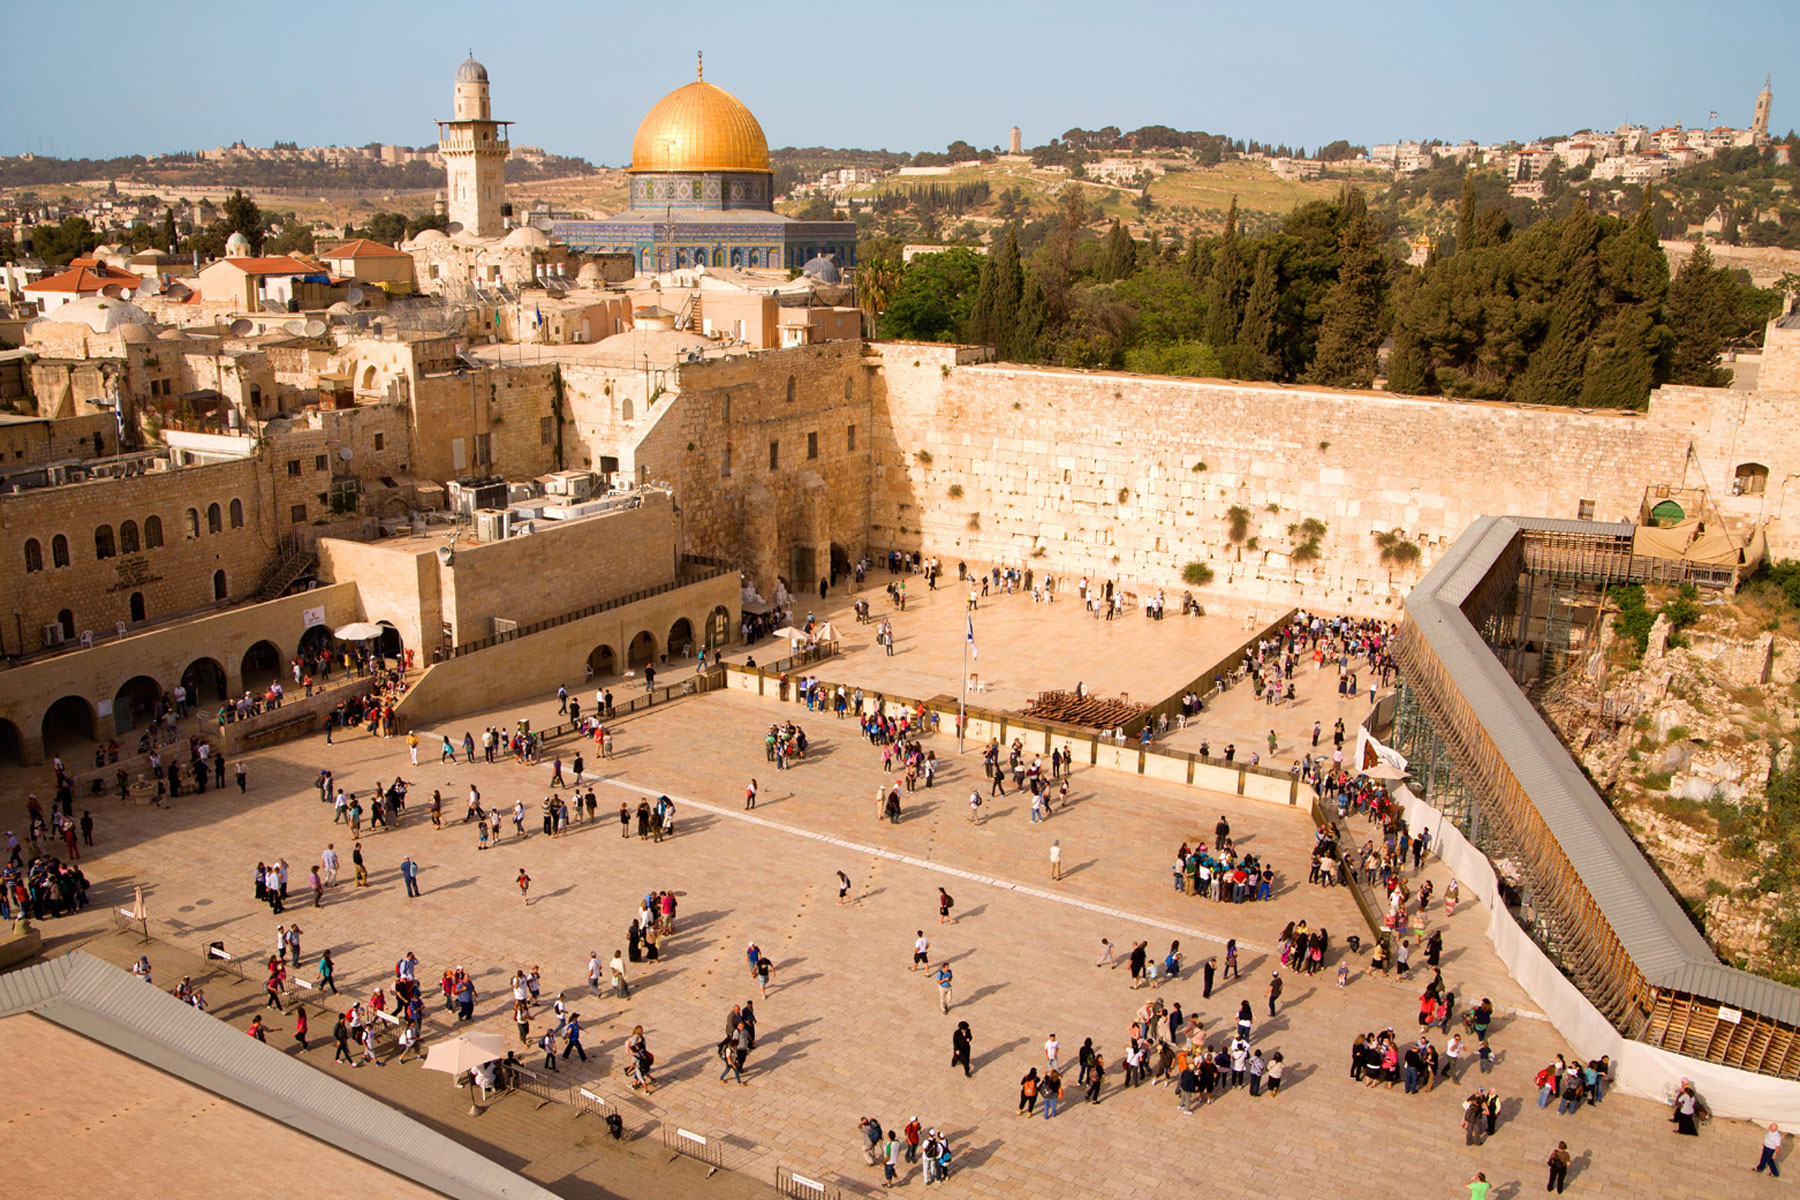 Израильское министерство туризма будет помещать записки в Стену Плача за тех, кто не может приехать.Вокруг Света. Украина